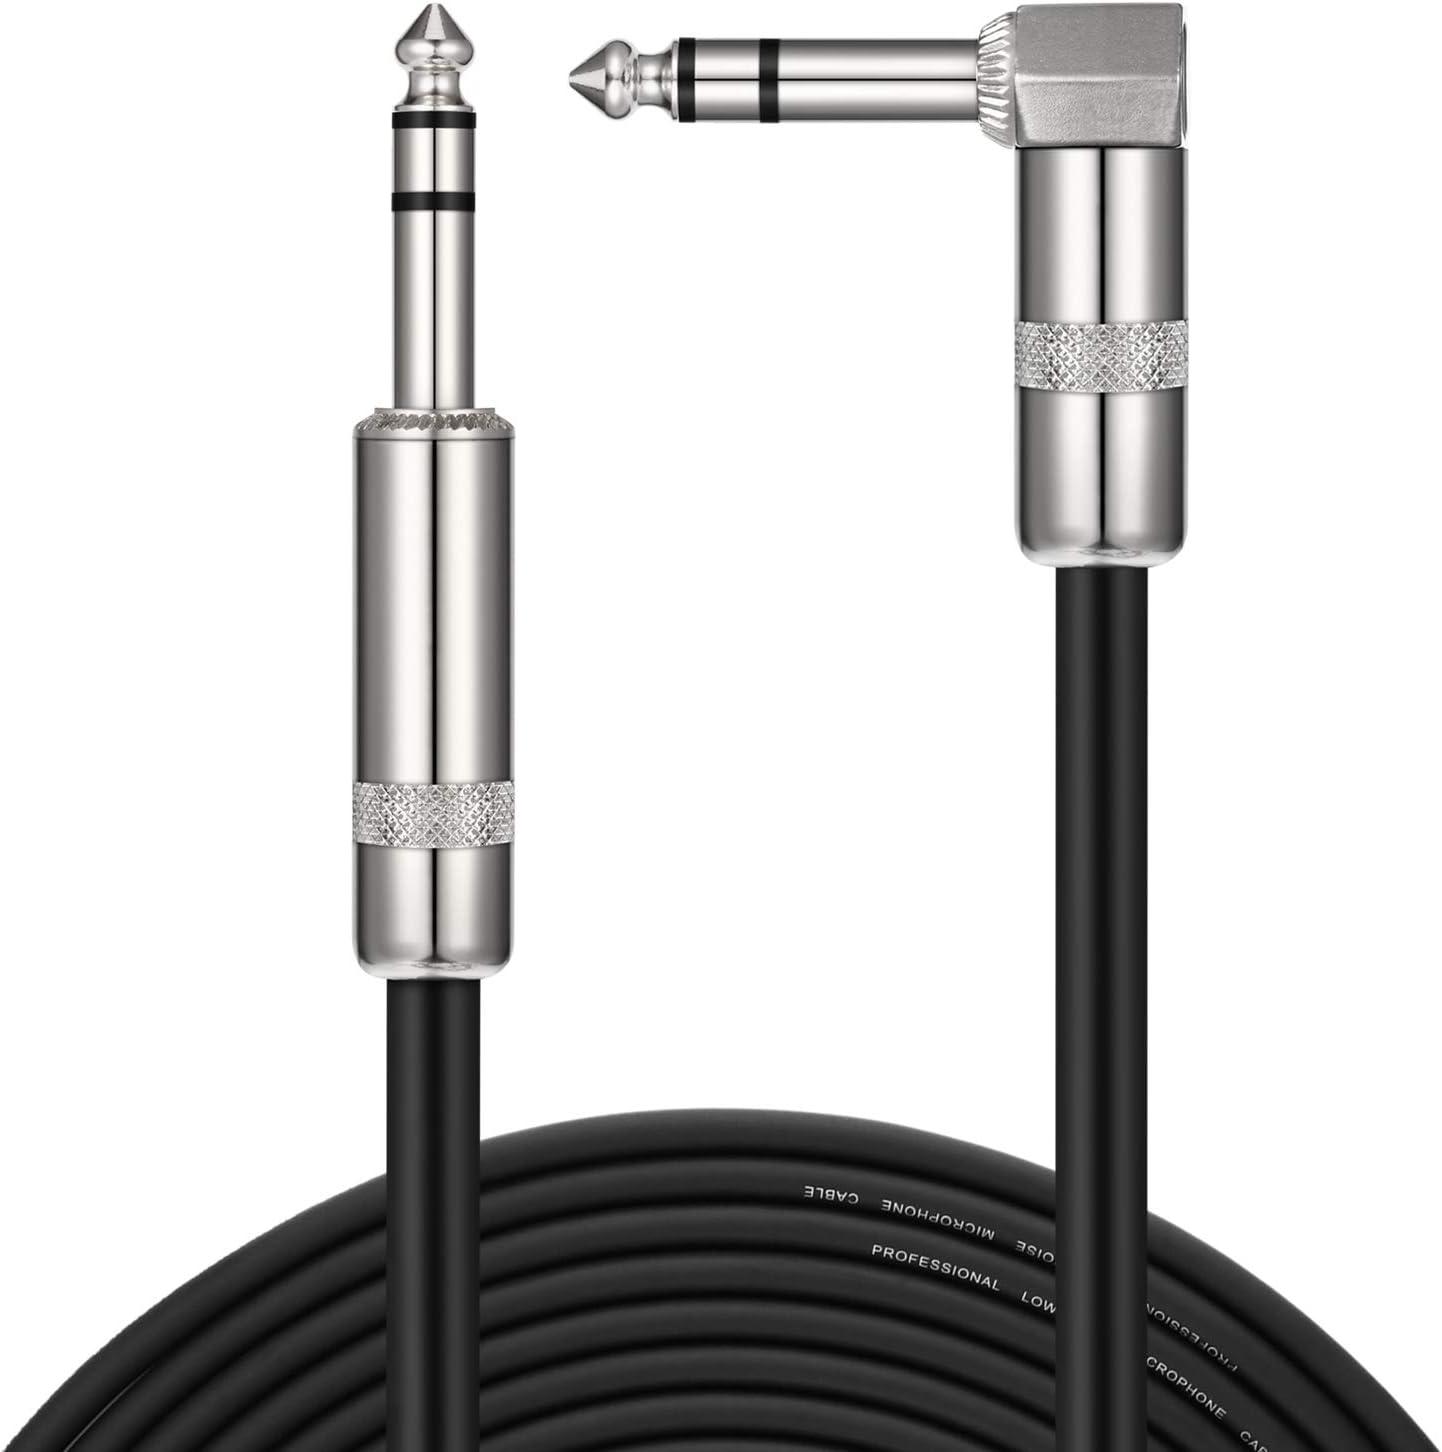 Donner TRS Cavo Audio 3M Cavo Stereo da 1//4maschio ad angolo retto a 1//4 TRS maschio dritto Cavo bilanciato